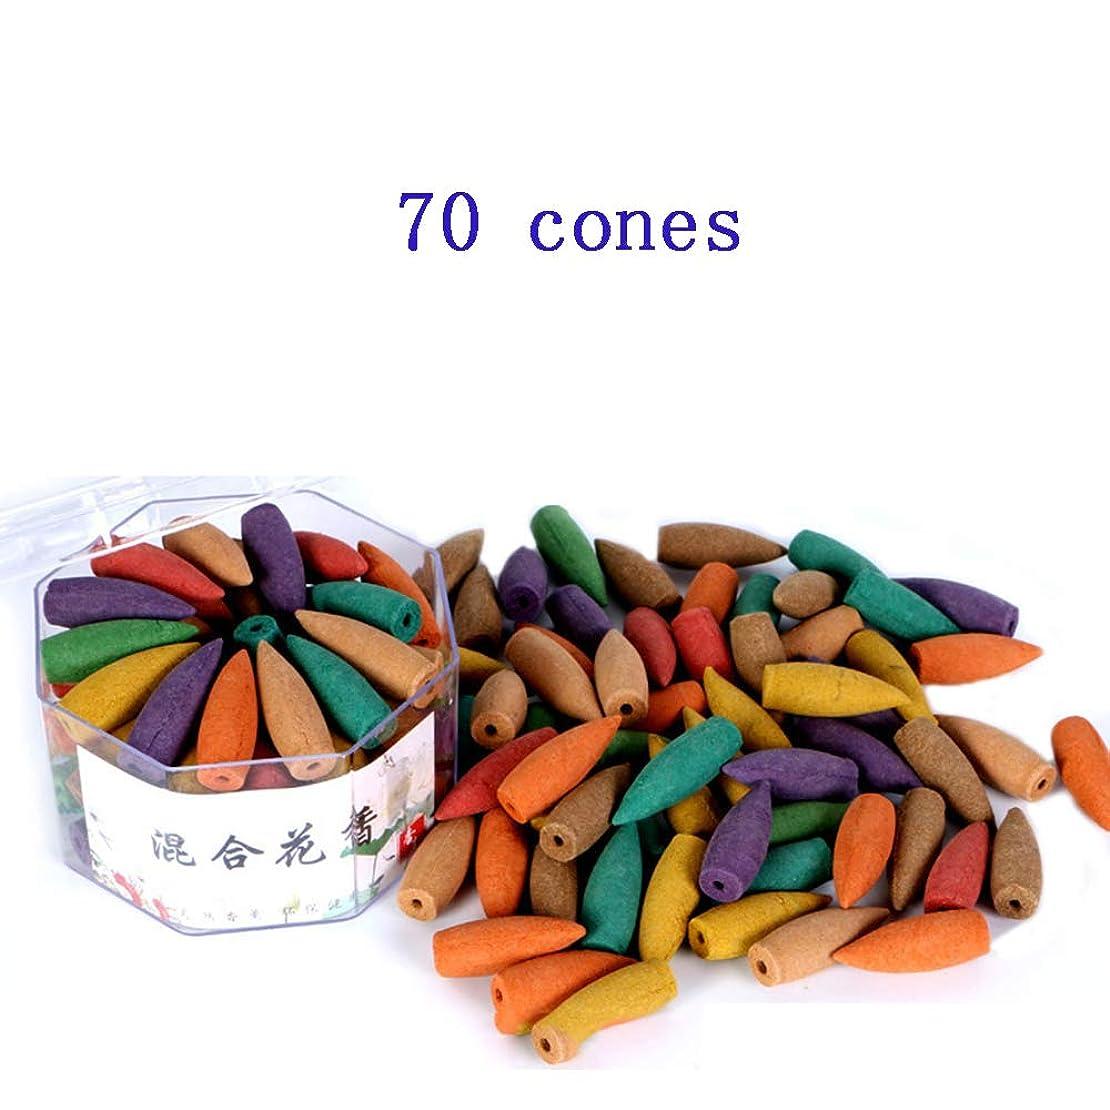 ラッドヤードキップリング原点連想(In-70mixed) - Corcio 70pcs/box Lengthened Cone Tower Incense Backflow Incense Waterfall Cones for Incense Burner Holder about 15 Mins-Mixed incense